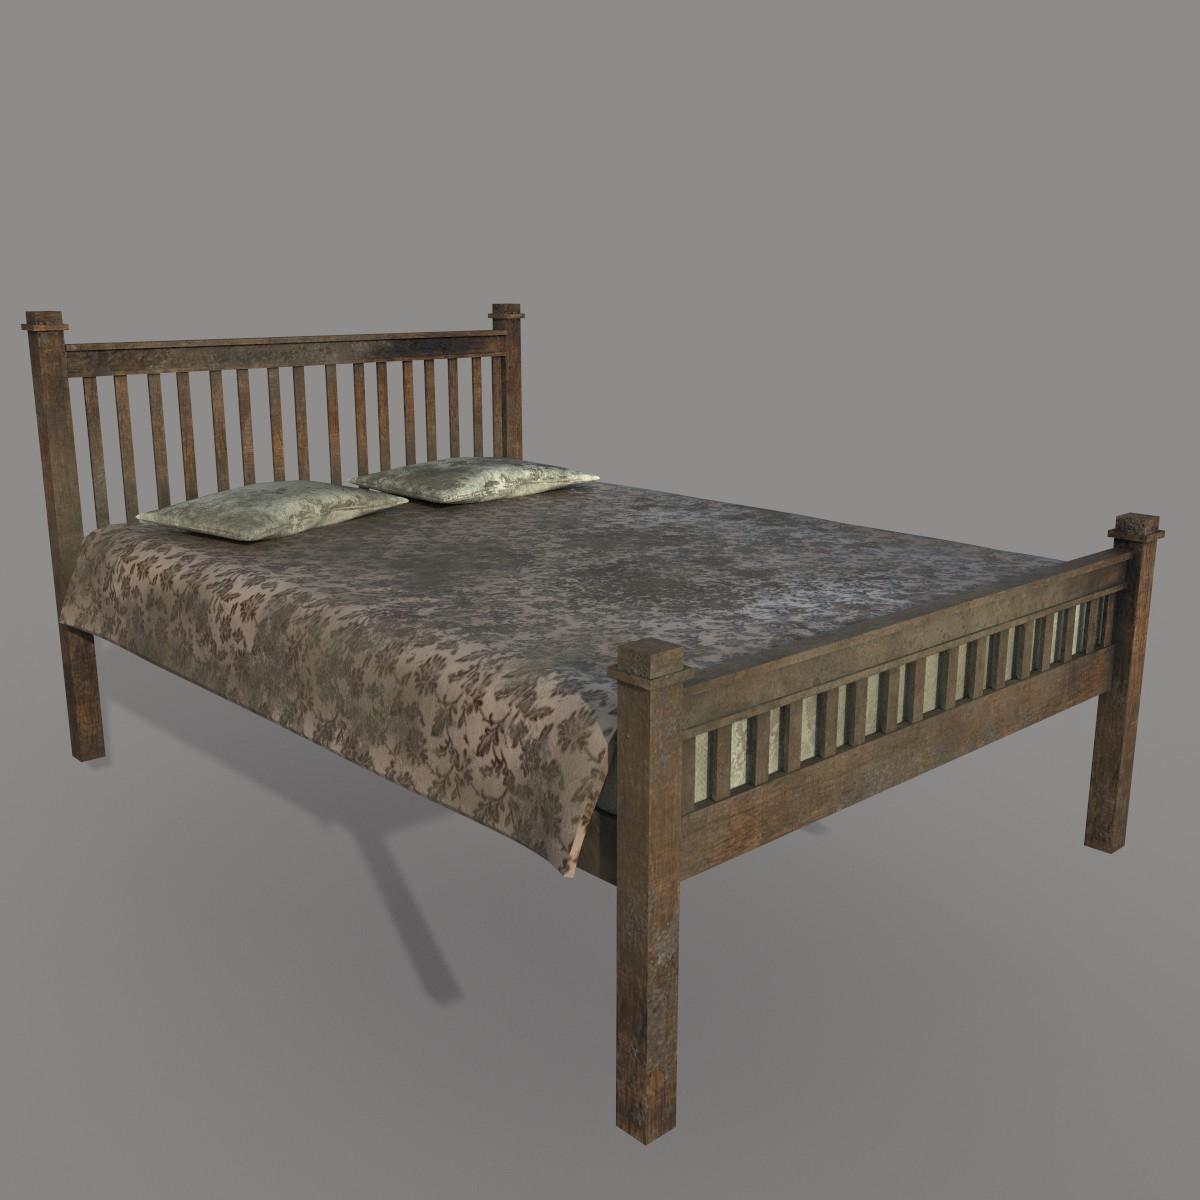 Full Size of Kostenlos Einfaches Schmutziges Bett 3d Modell Turbosquid 1412389 Platzsparend Wand 120x200 Mit Bettkasten Rückenlehne Konfigurieren Schöne Betten 90x200 Bett Einfaches Bett